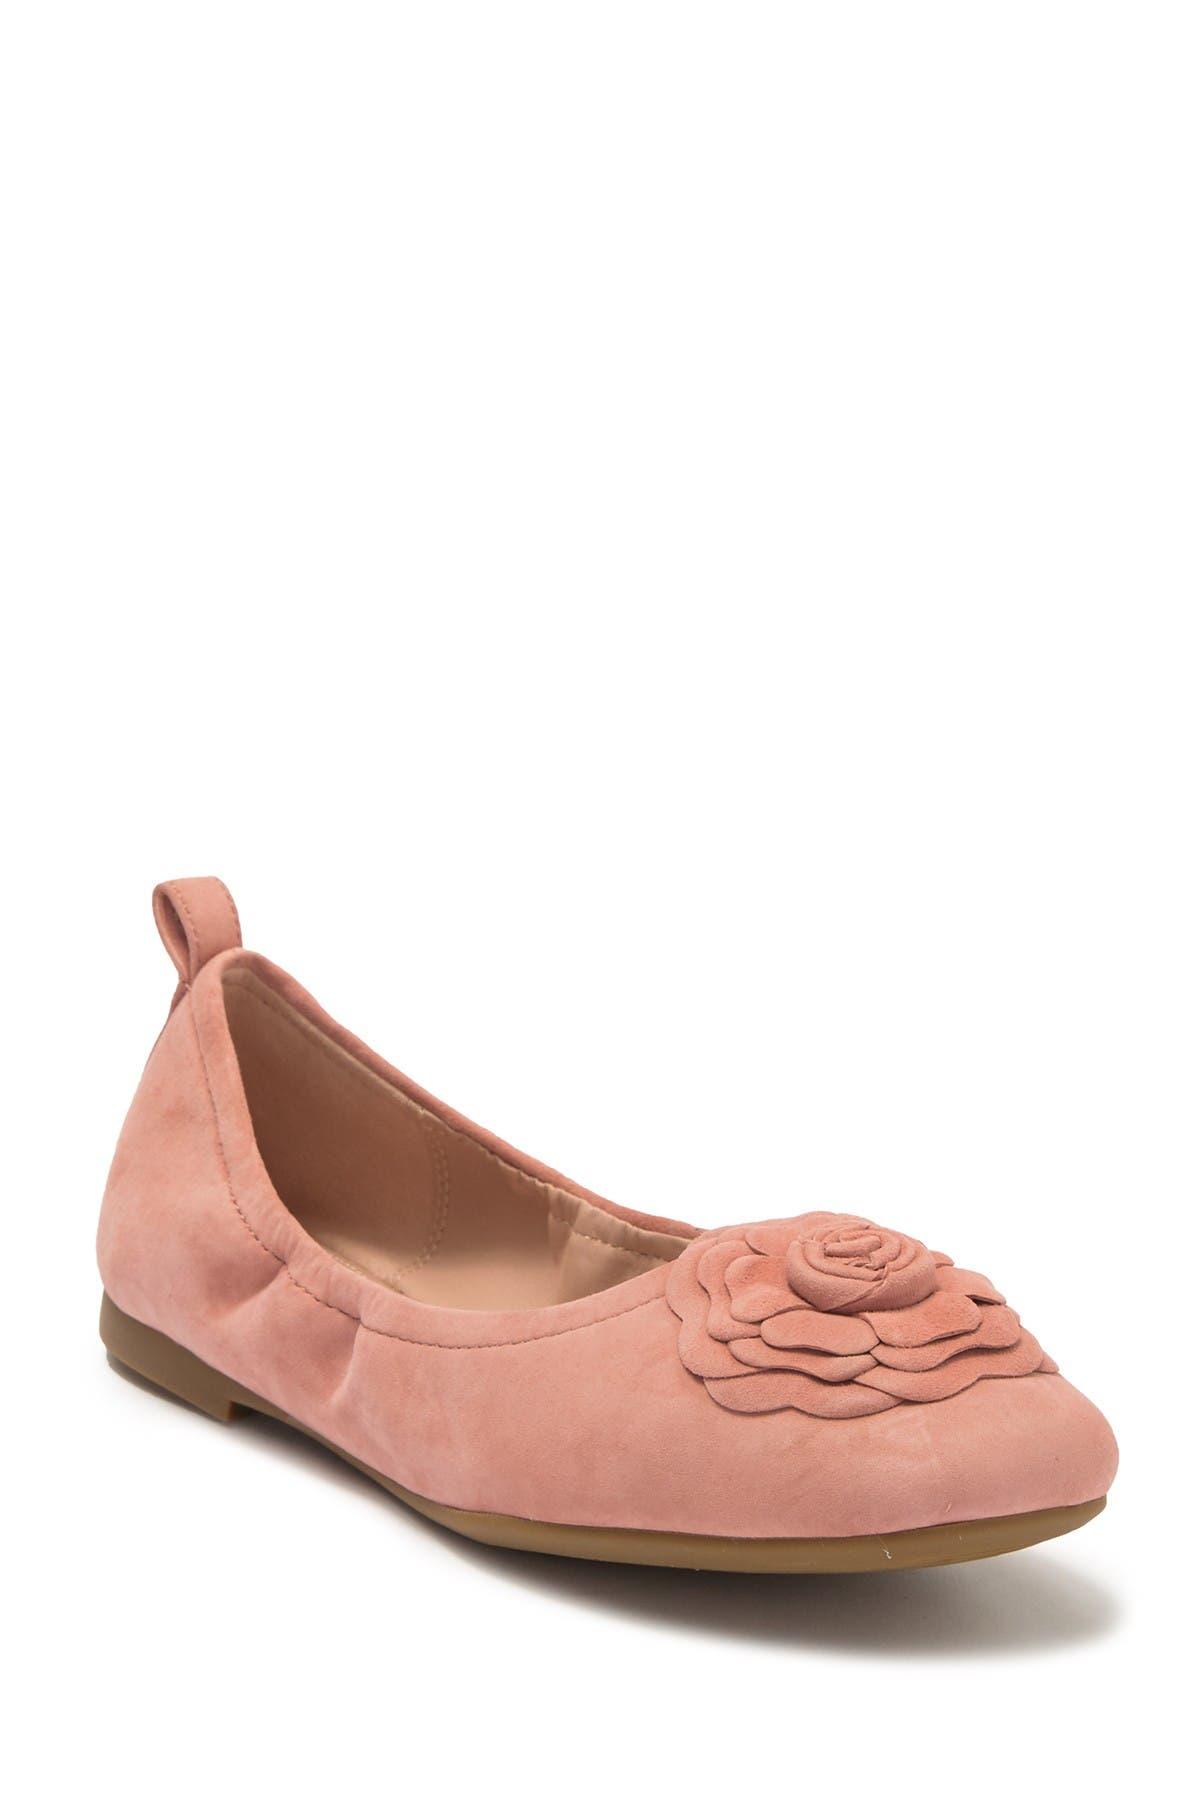 Taryn Rose | Rosalyn Ballet Flat